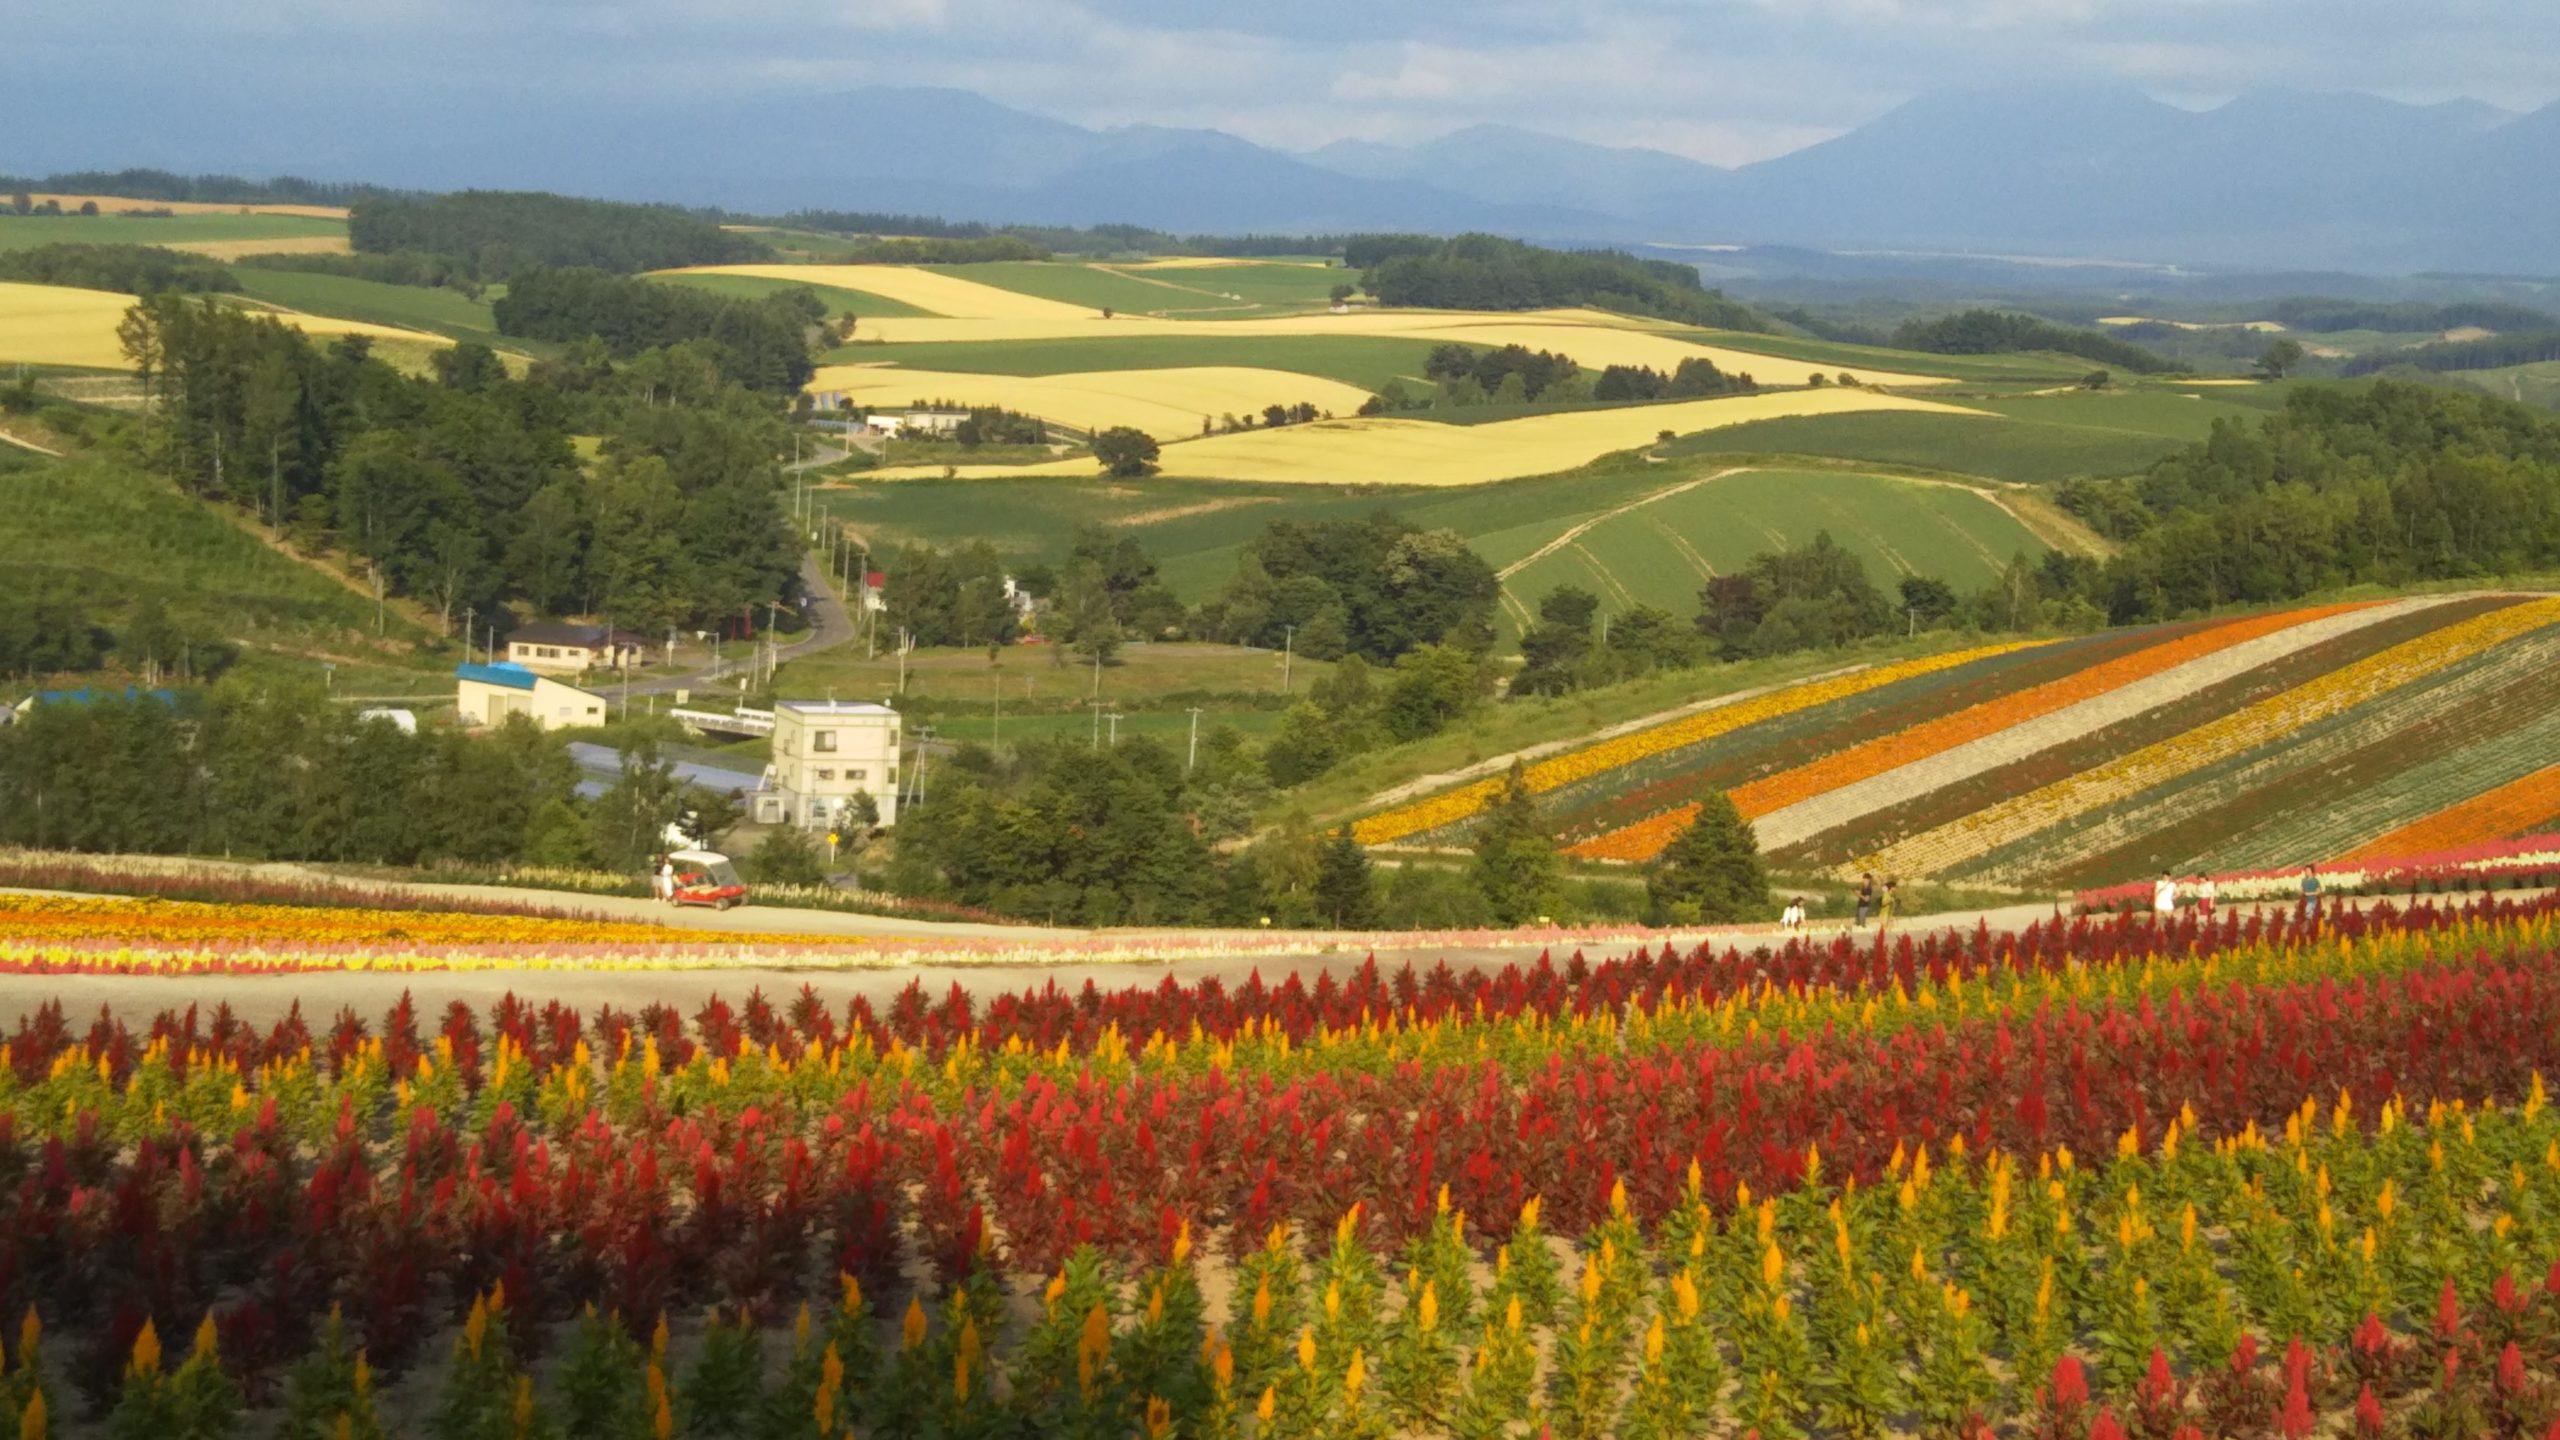 一日散歩きっぷで行ける美瑛「四季彩の丘」の写真